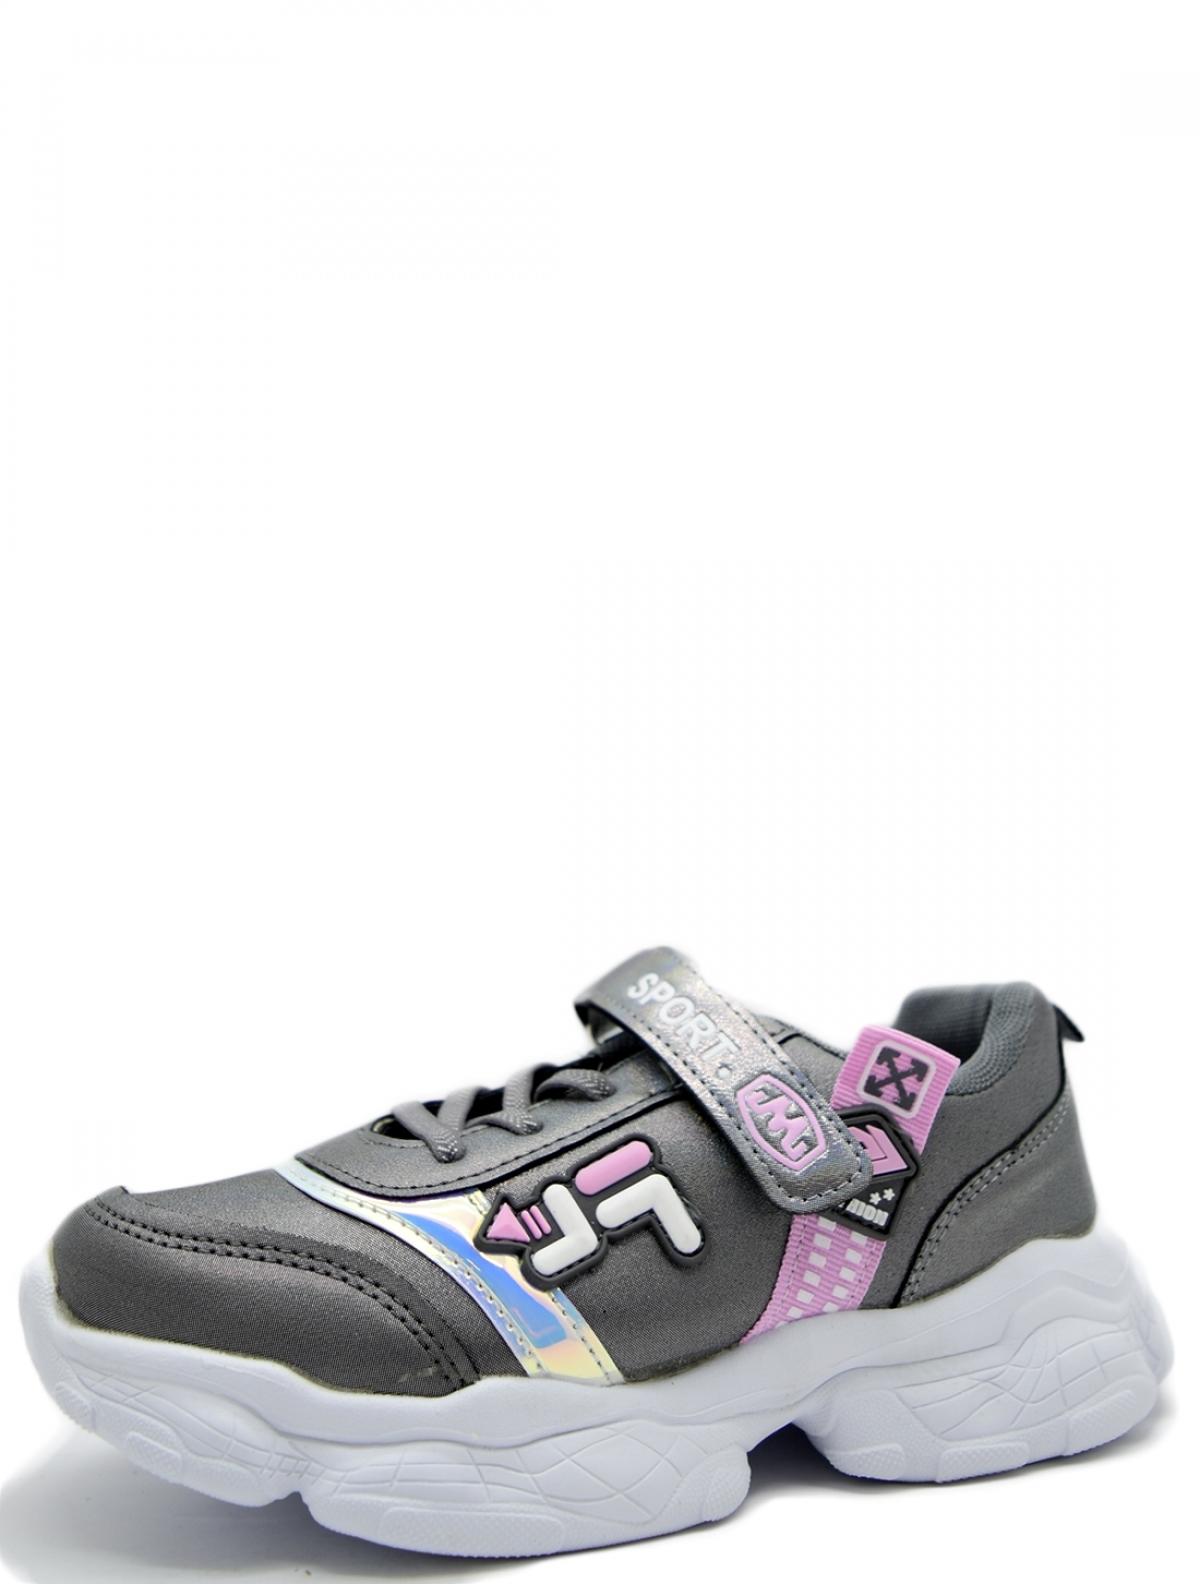 Канарейка L309-6 детские кроссовки